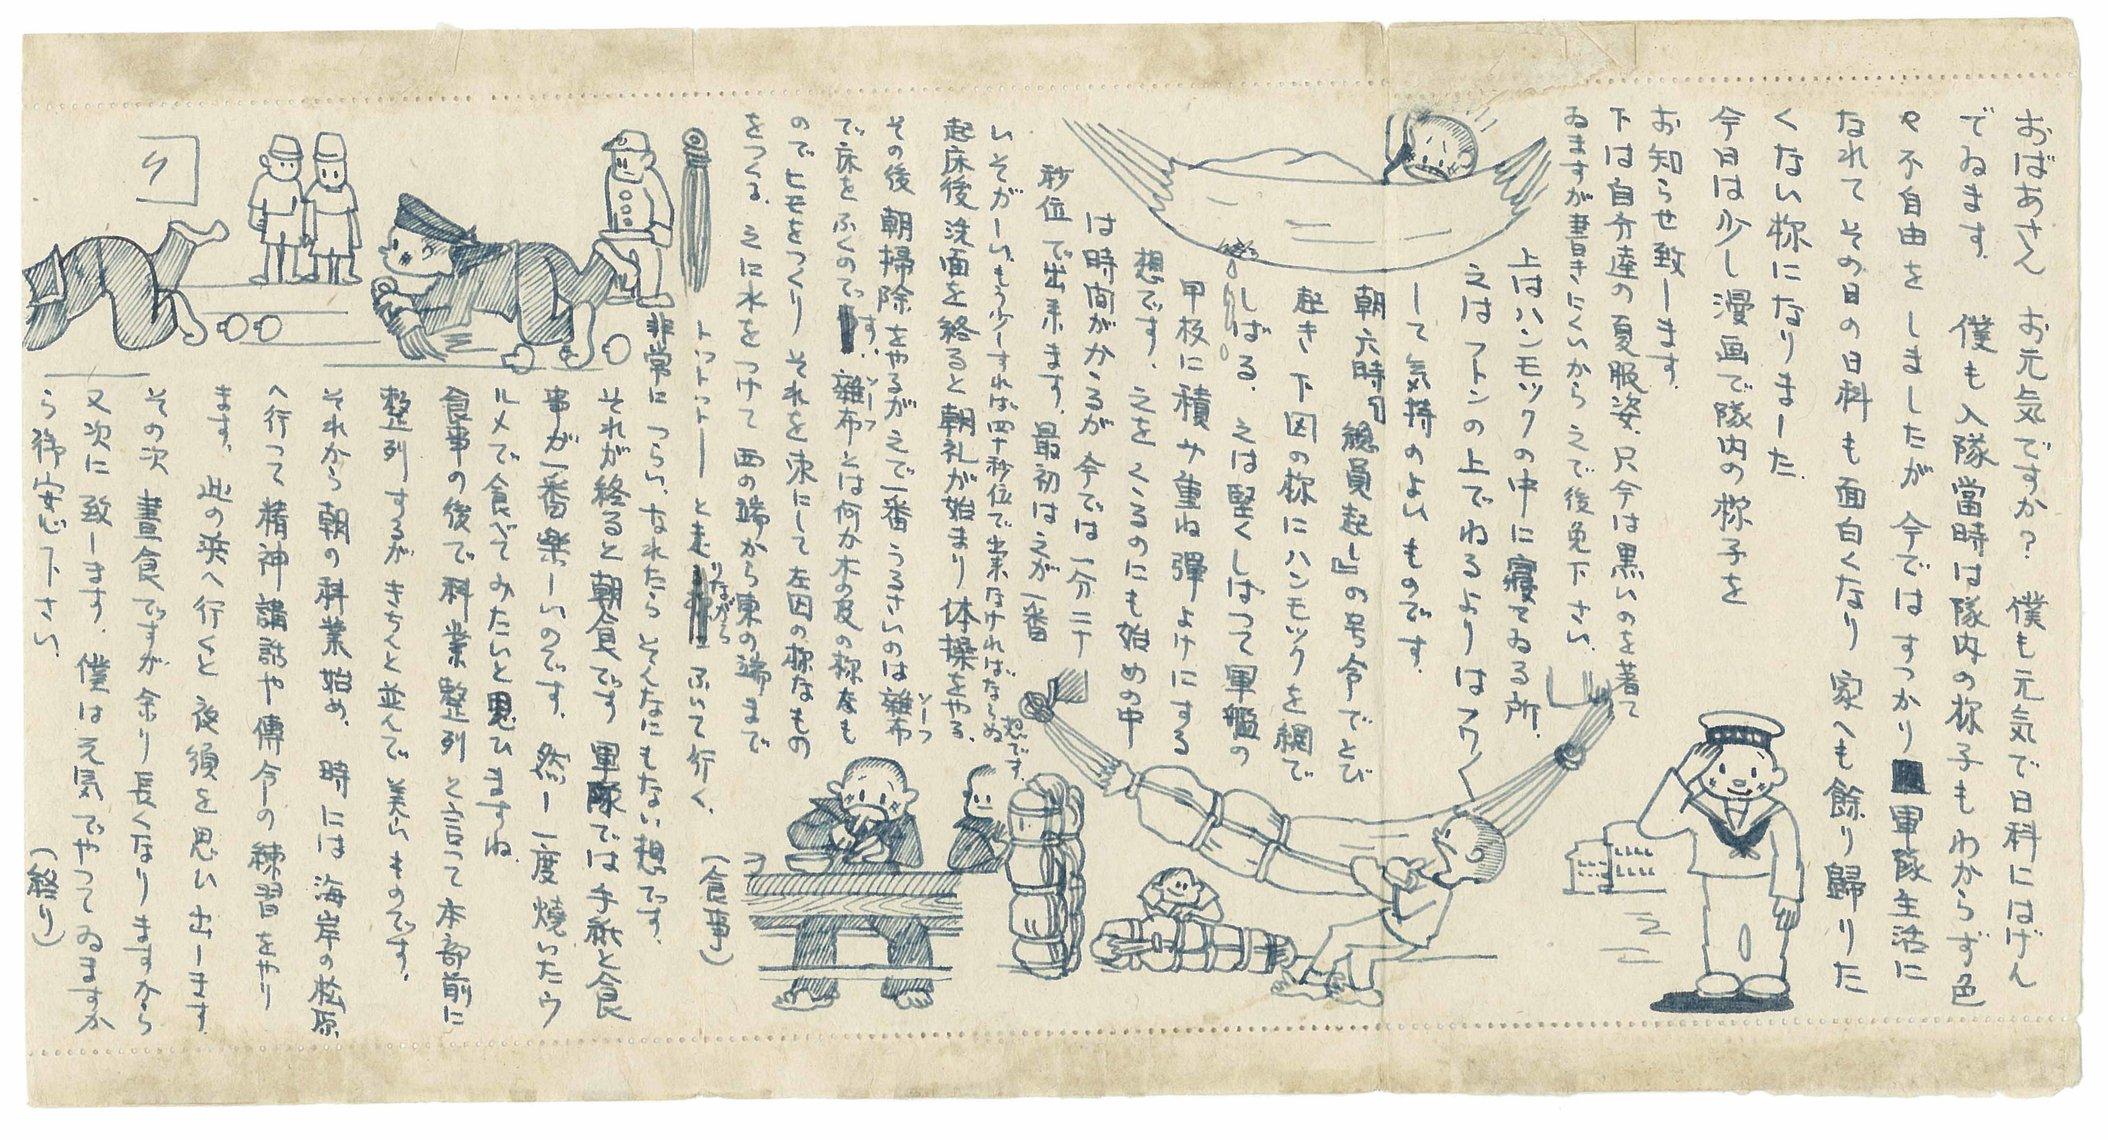 隊内の新生活ようすが描かれた祖母宛の手紙。